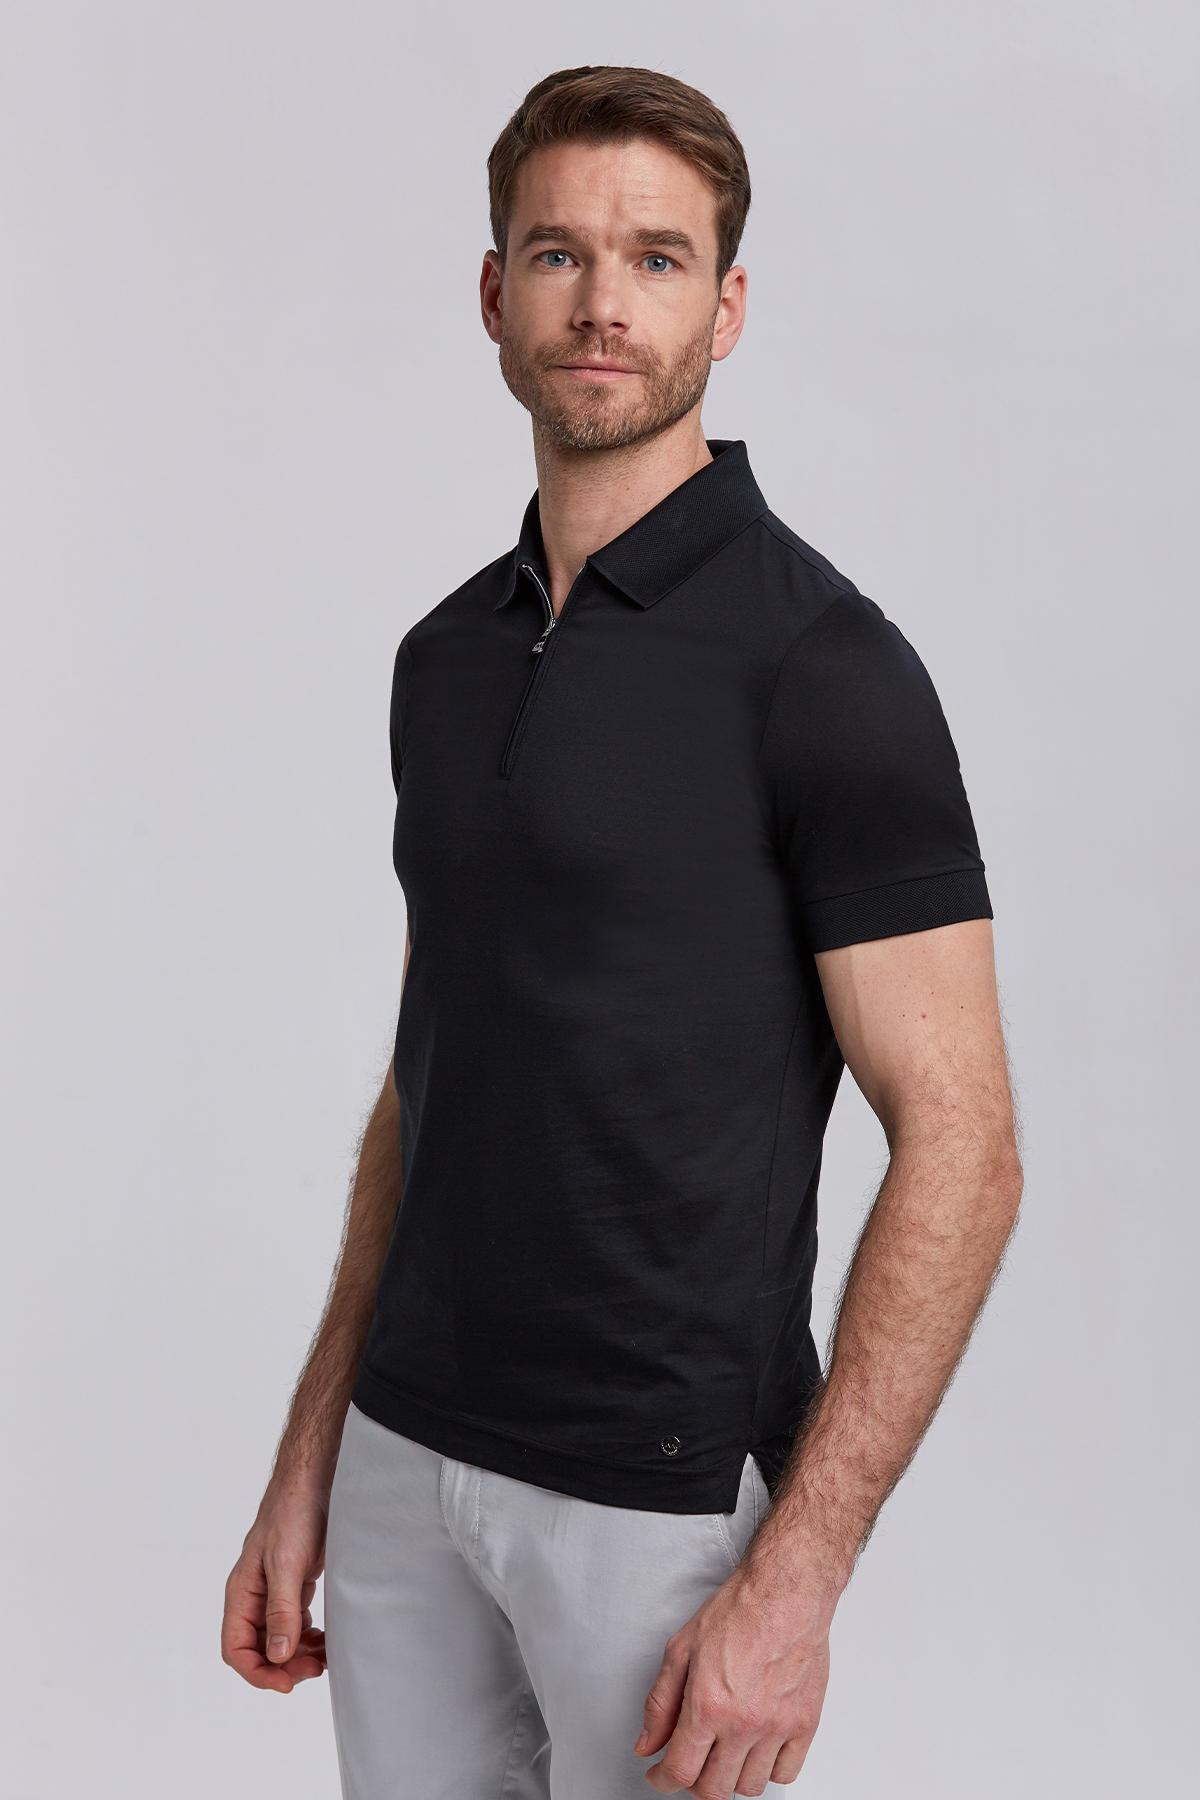 Siyah Pamuk Fermuarlı Polo Yaka T-Shirt